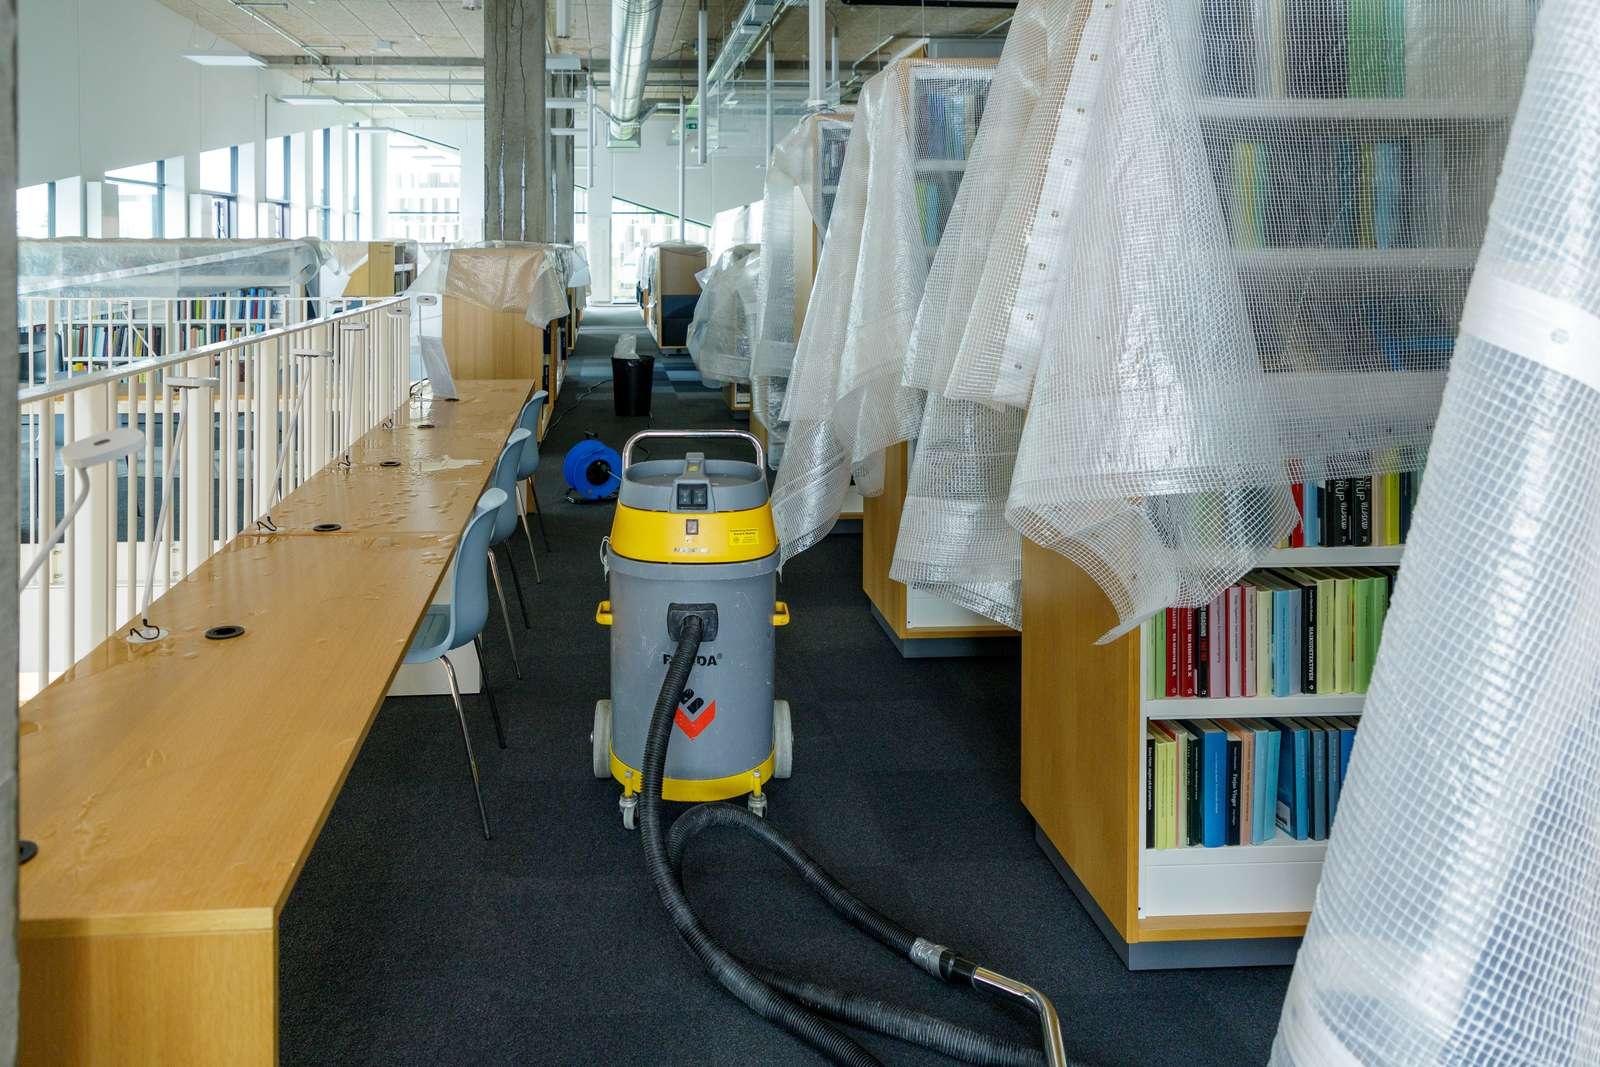 Multikulturhusets vandskade giver udvidede åbningstider på lokalbibliotekerne